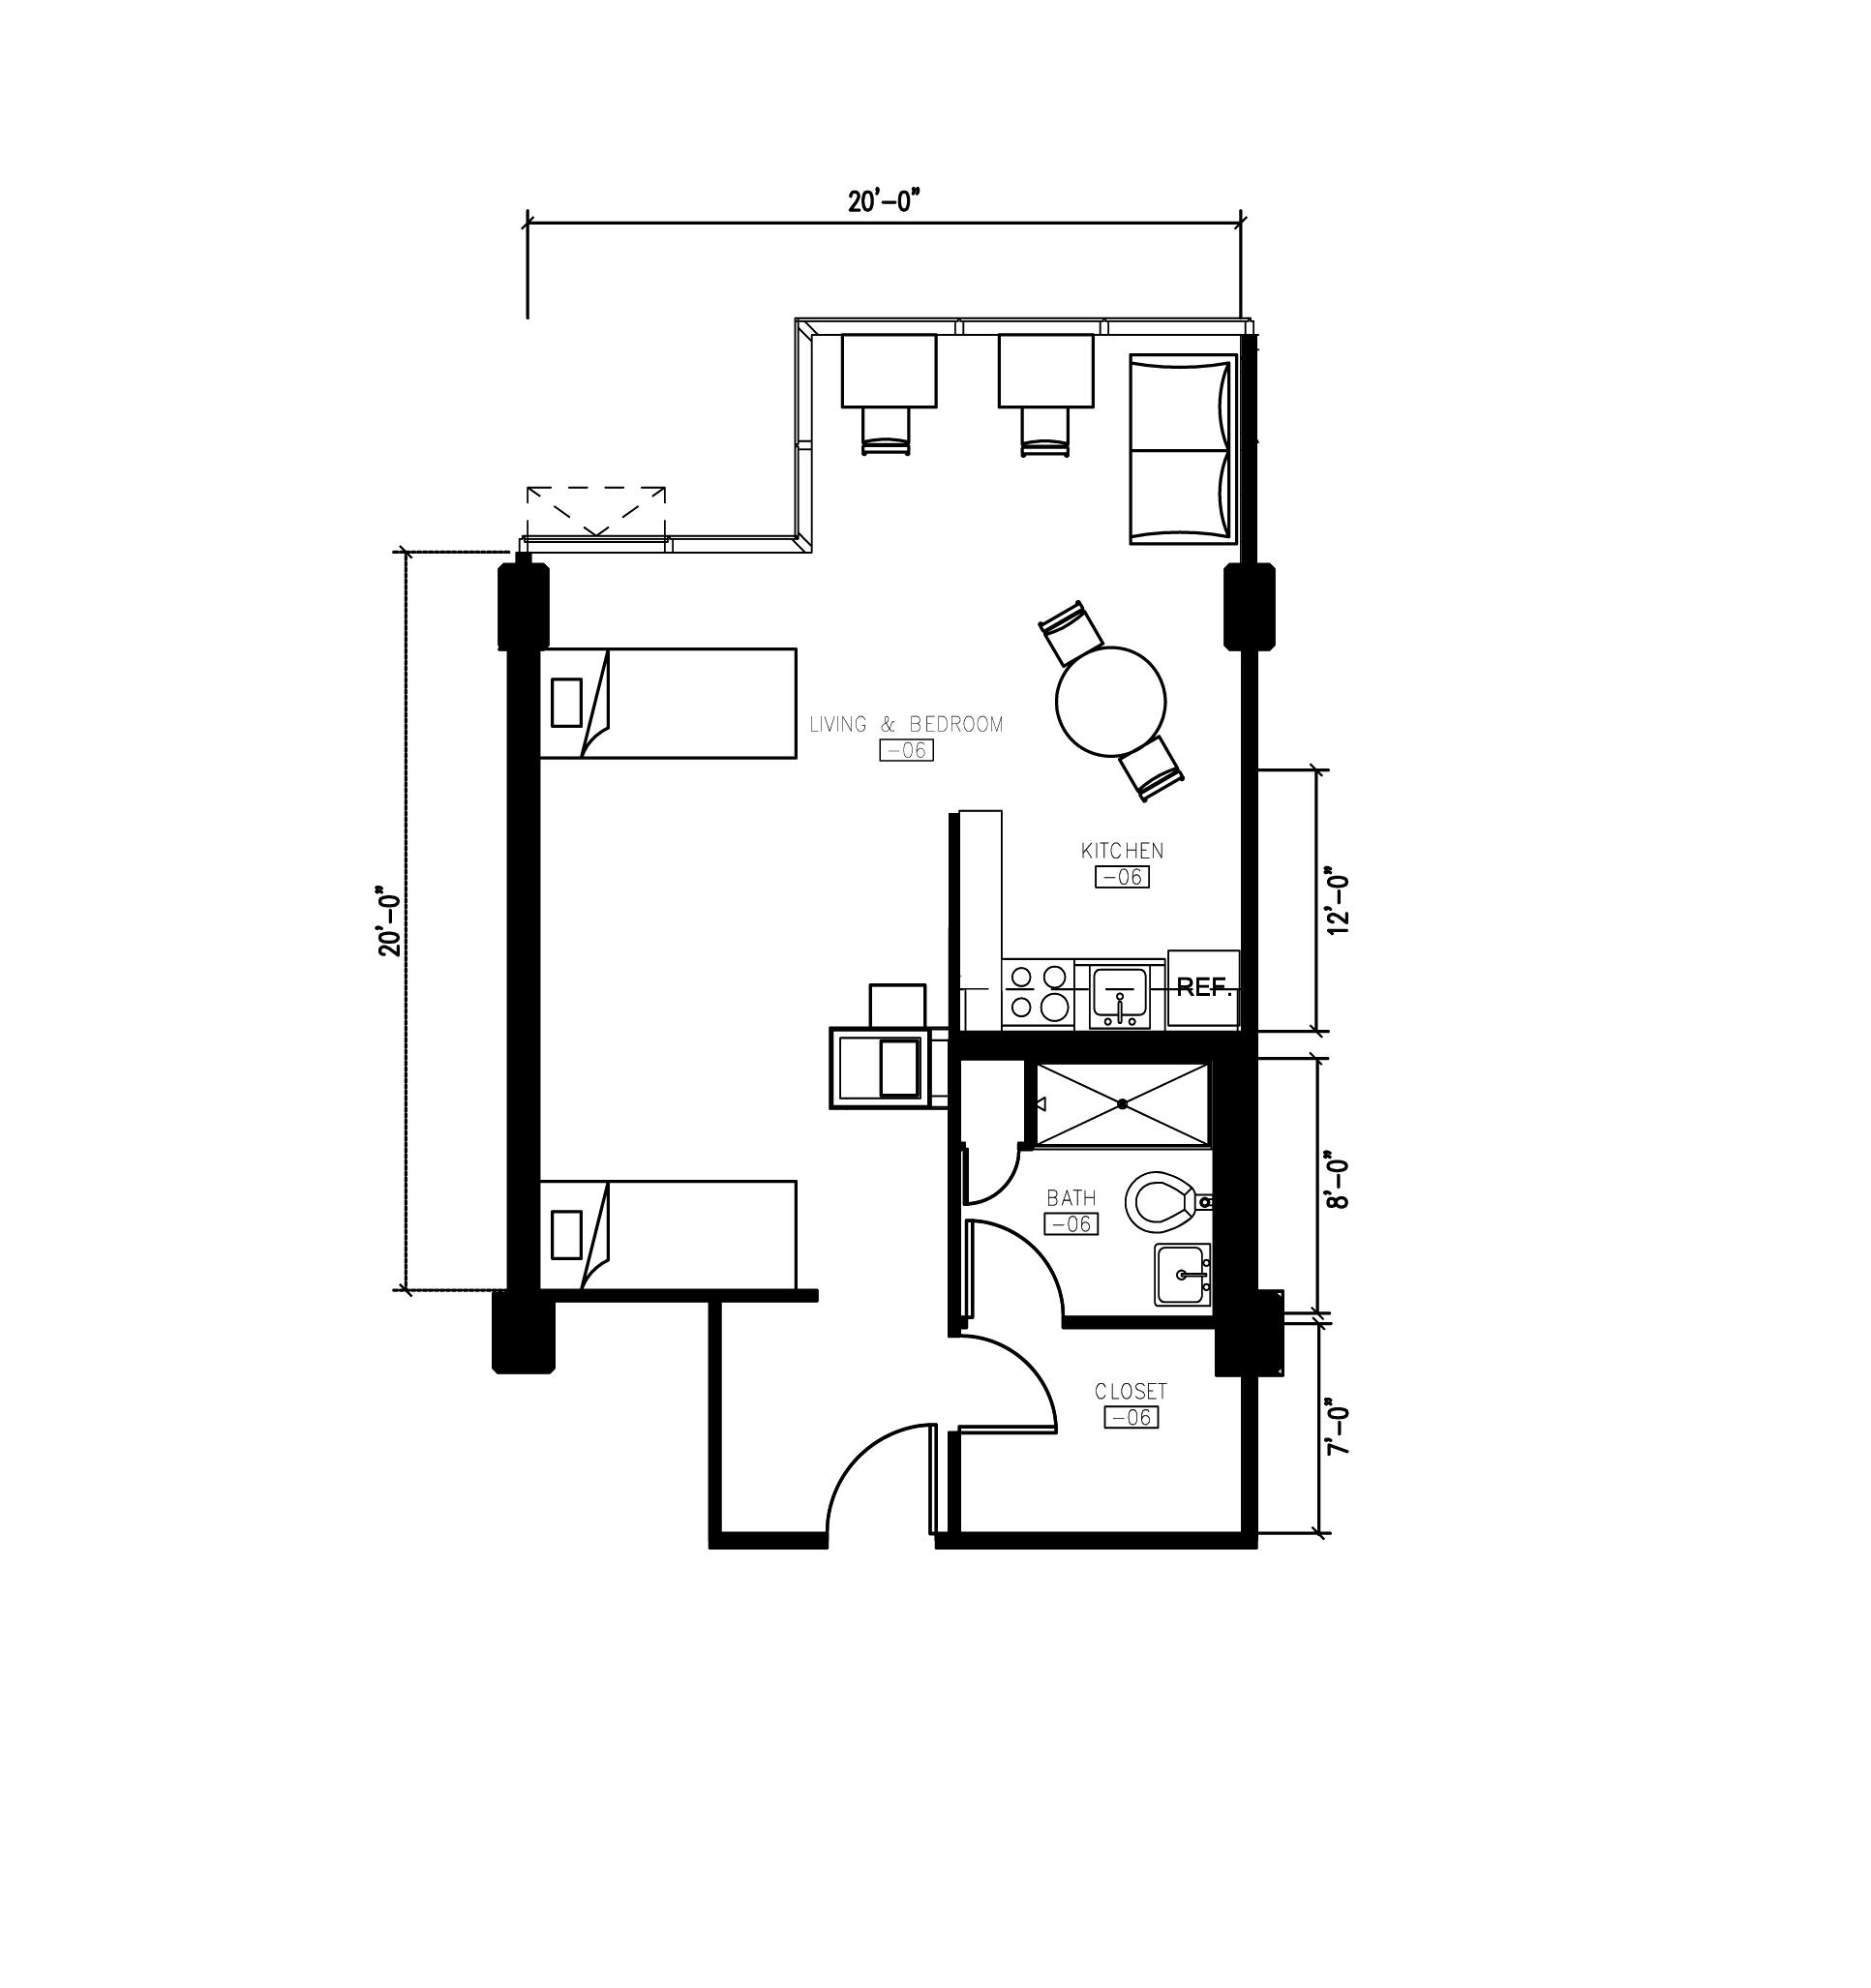 Morgens Hall 2 Person Small Studio Apartment Floor Plan Studio Apartment Floor Plans Apartment Floor Plan Small Studio Apartment